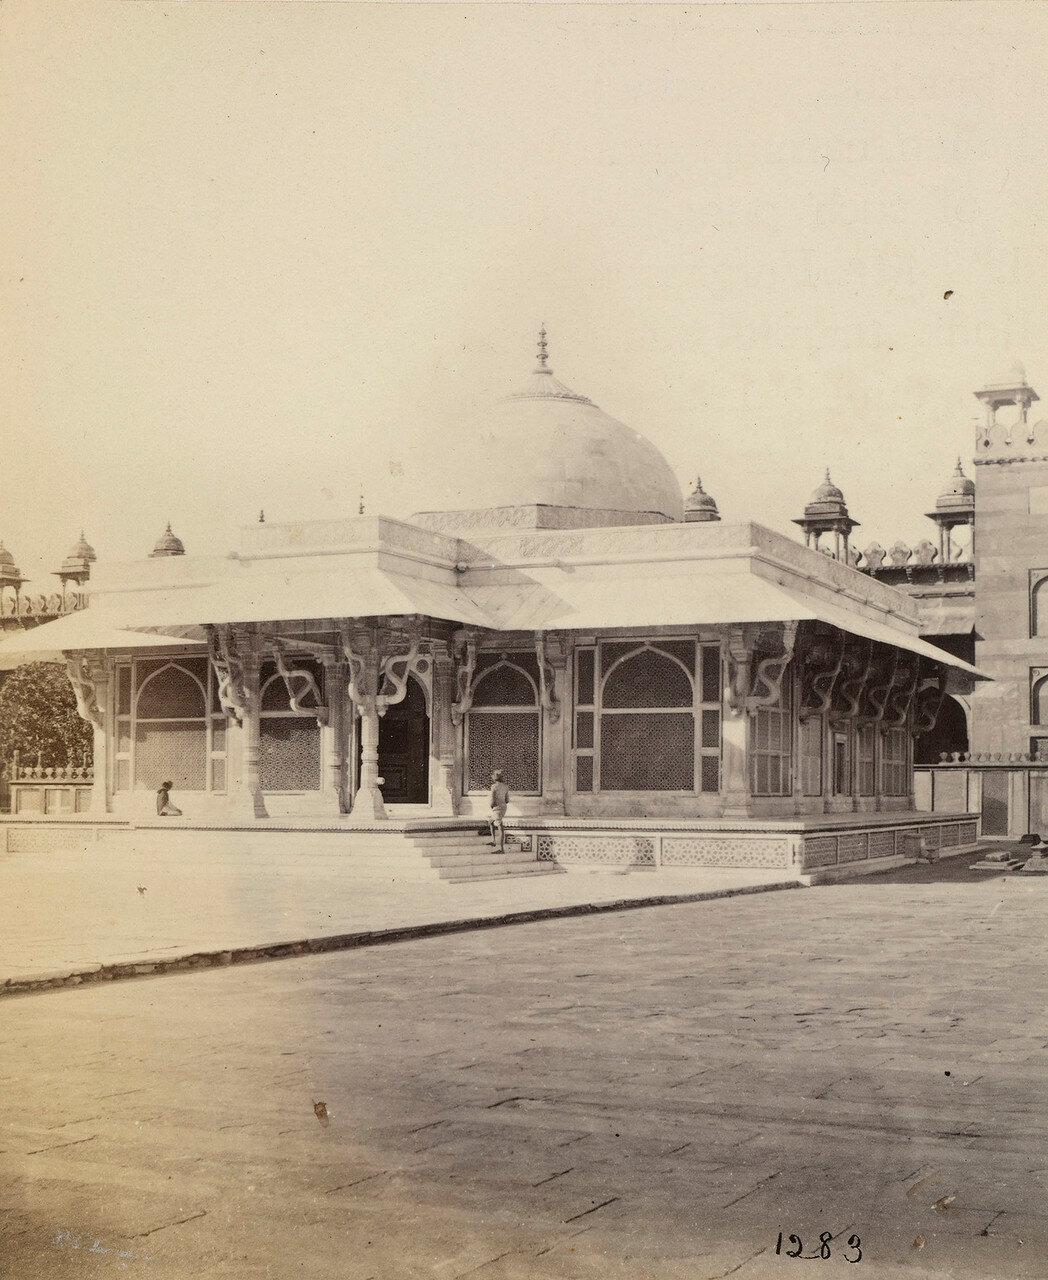 66. Окрестности Акры. Фатехпур-Сикри.  Мавзолей шейха Салима Чишти